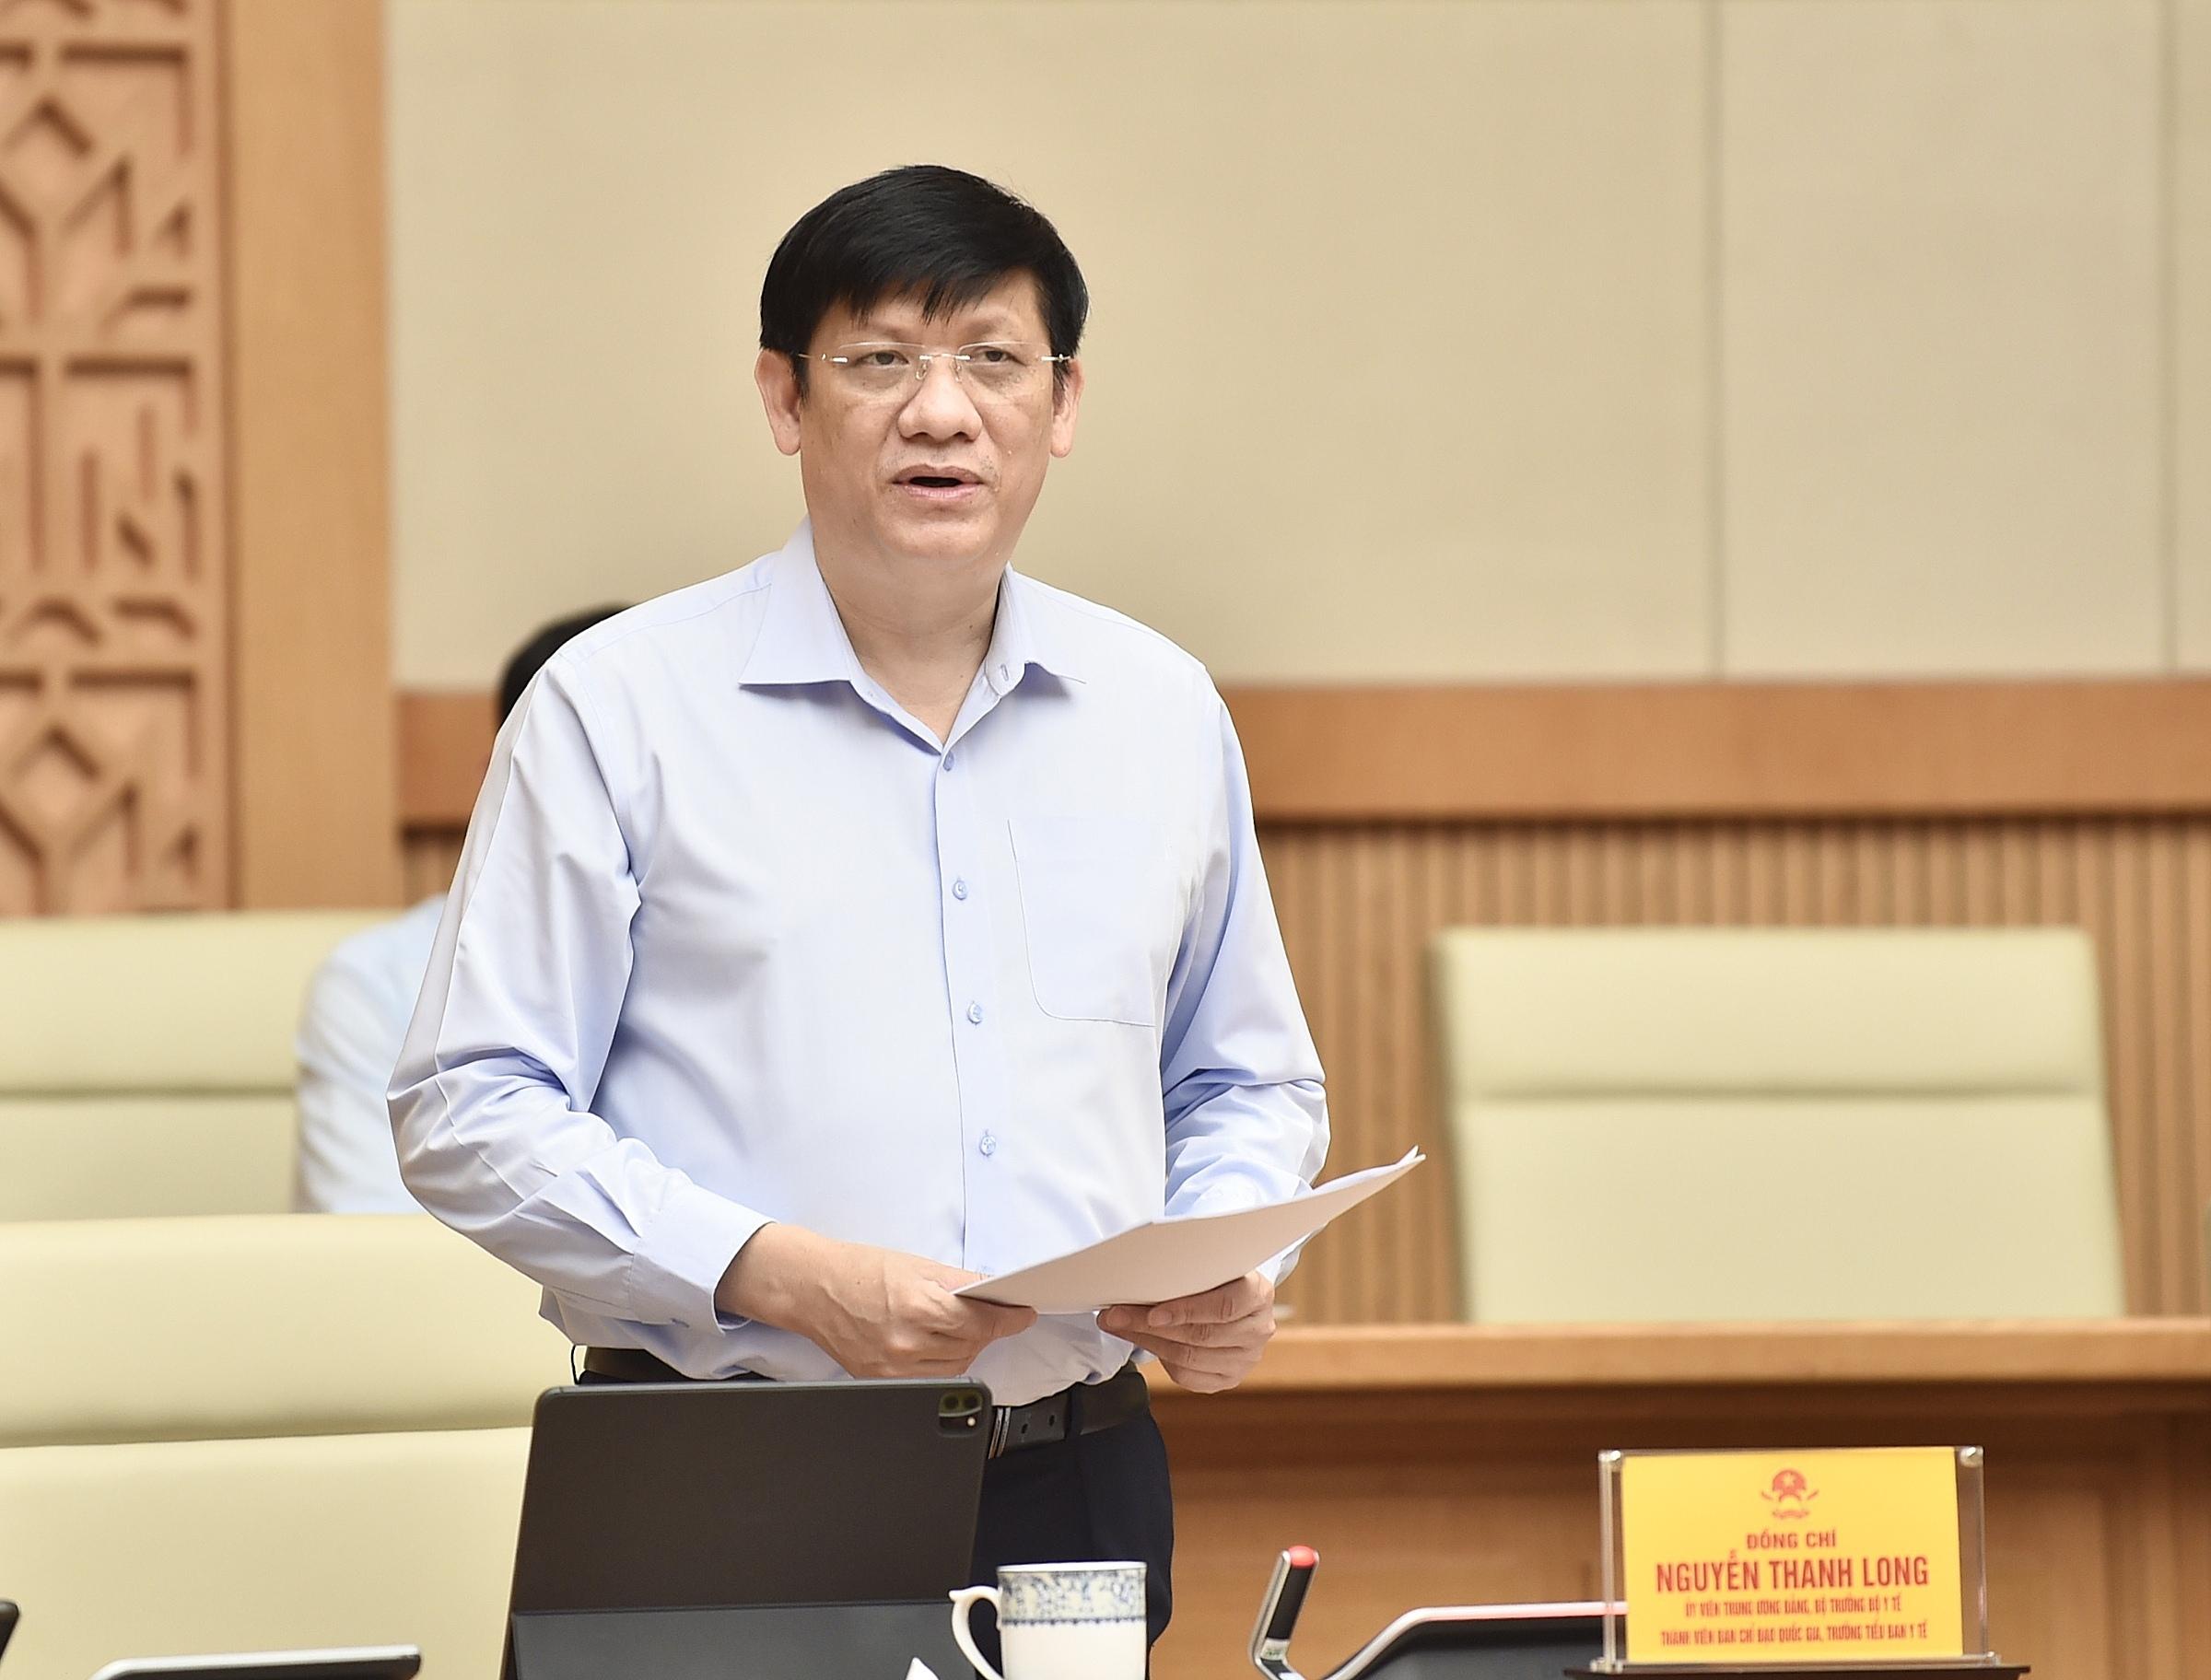 Bộ trưởng Y tế Nguyễn Thanh Long phát biểu tại cuộc họp trực tuyến Ban chỉ đạo quốc gia phòng chống Covid-19 với các địa phương, sáng 25/9. Ảnh: Nhật Bắc